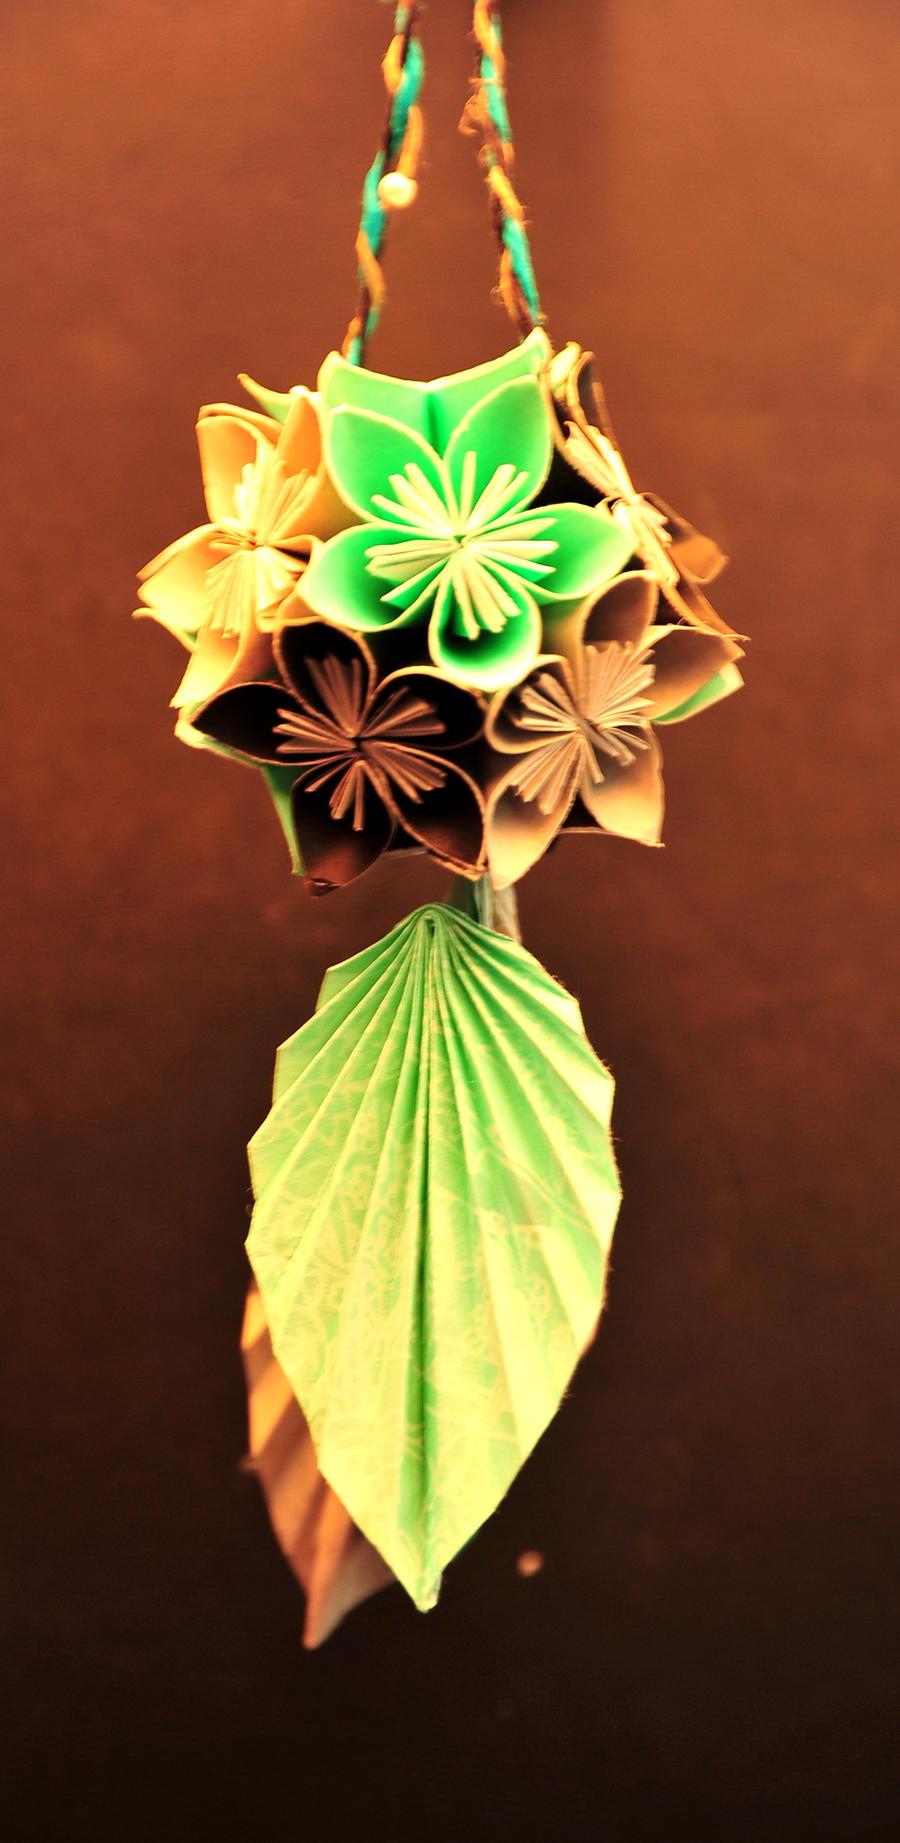 Origamikusudama by mimimarilyn on deviantart origamikusudama by mimimarilyn origamikusudama by mimimarilyn jeuxipadfo Gallery